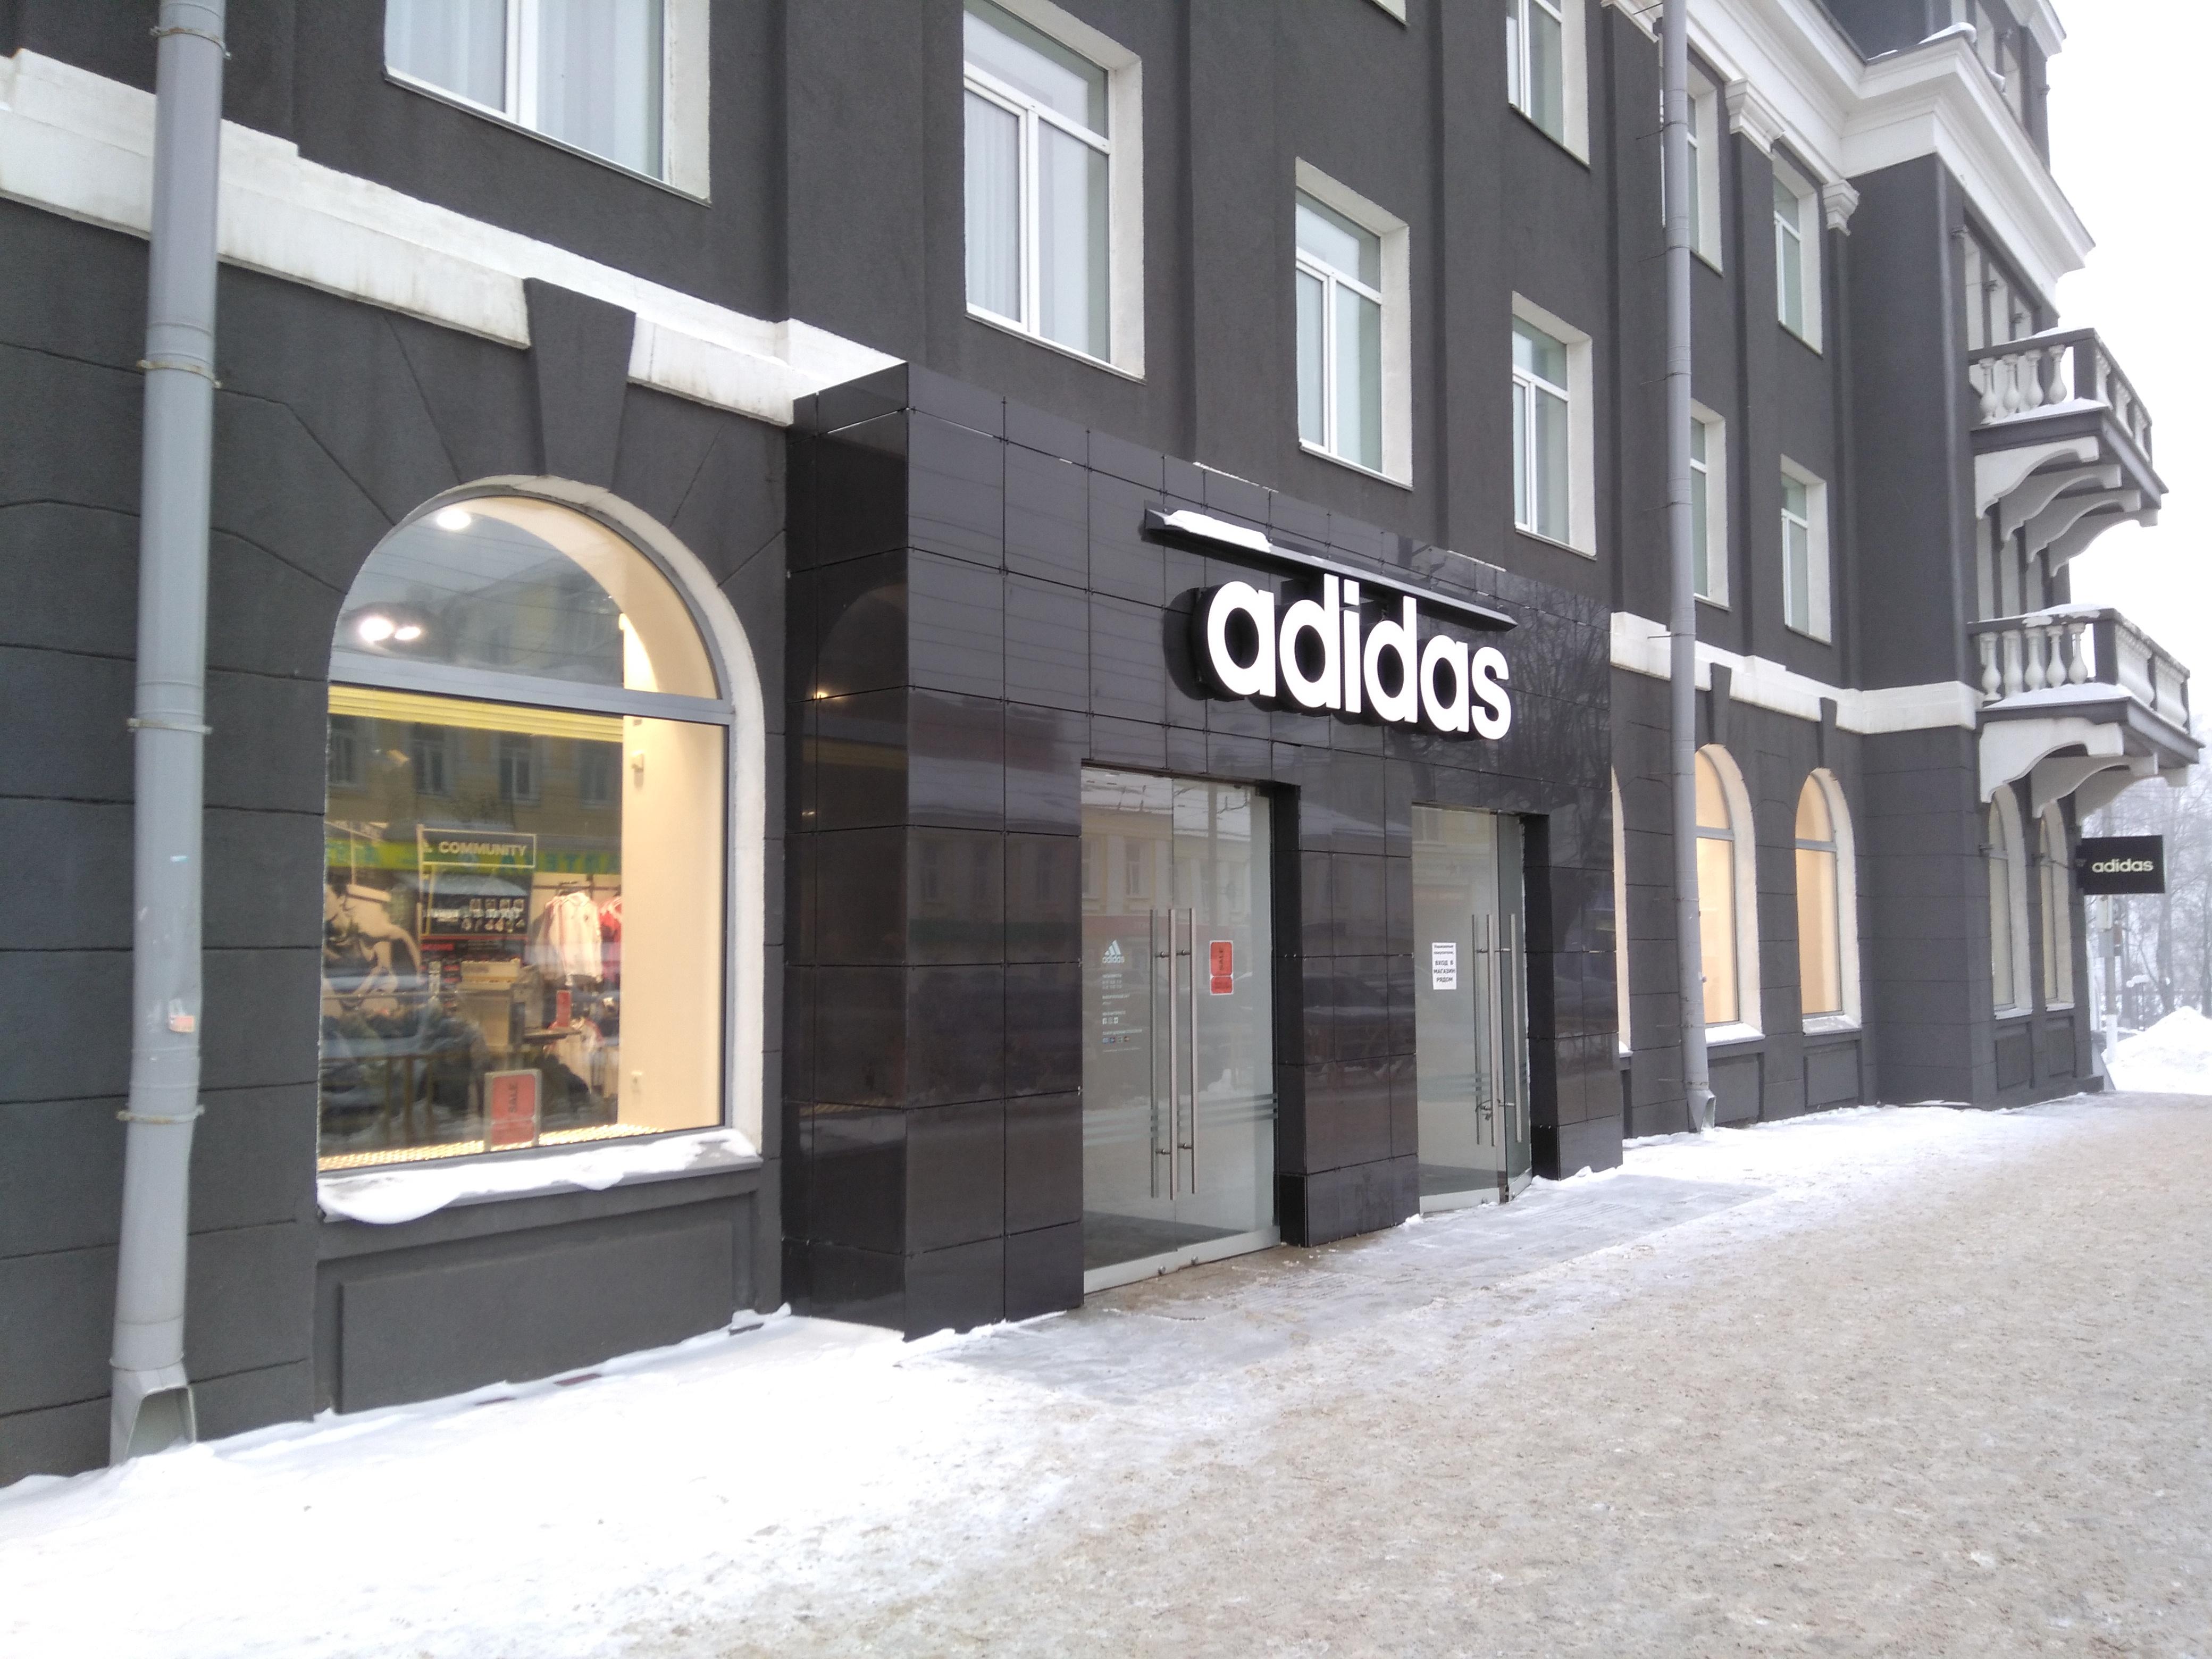 c8698f5a Adidas - спортивная одежда и обувь, Киров — отзывы и фото — Яндекс.Карты …